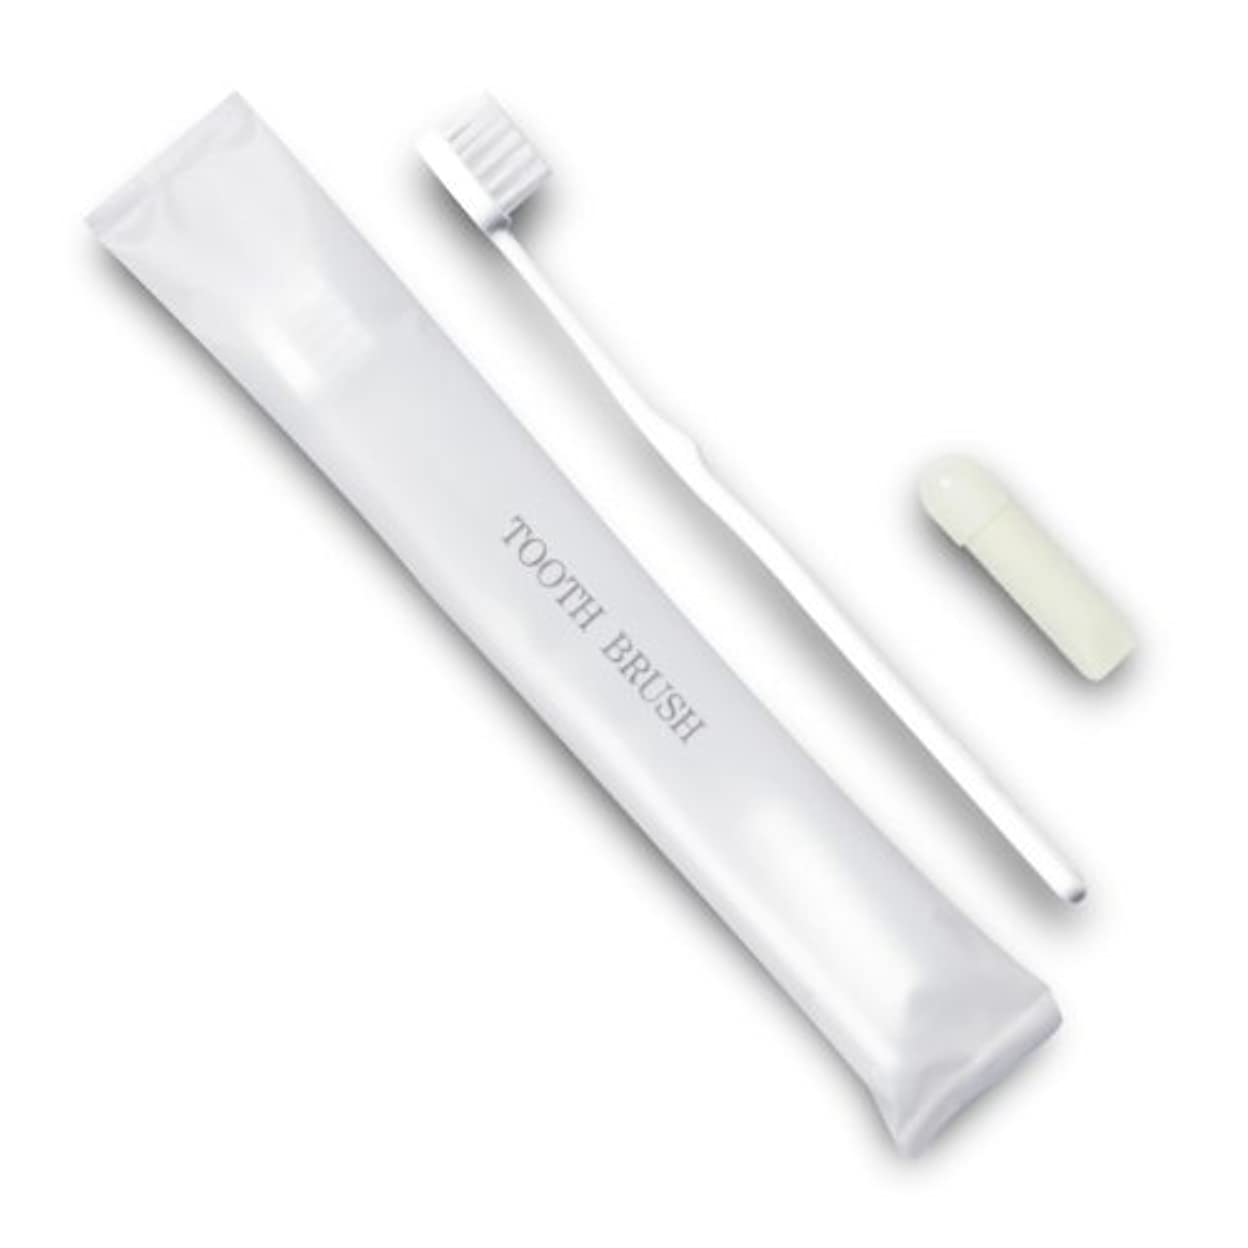 熱狂的な驚いた人事ホテル業務用歯ブラシ21穴(白)3gチューブ マット袋FタイプDX 700本